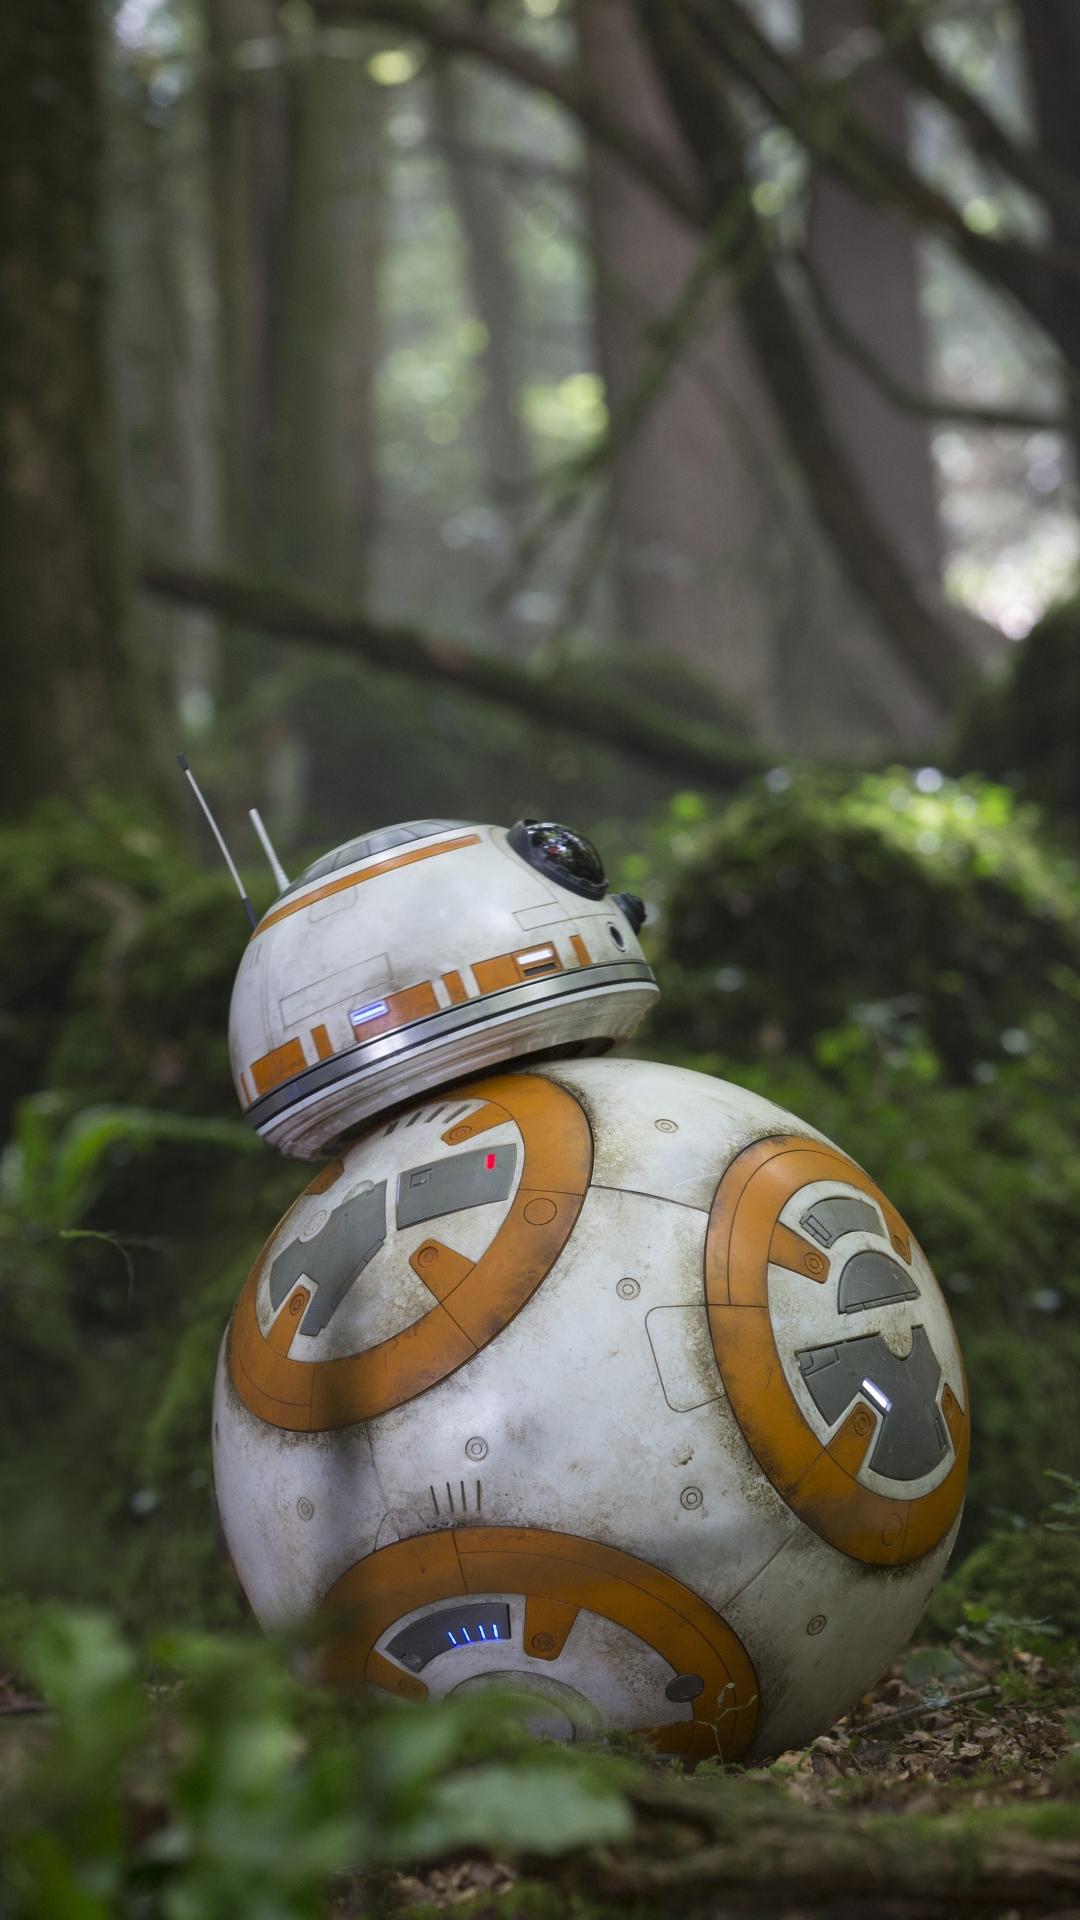 ... : The Force Awaken...